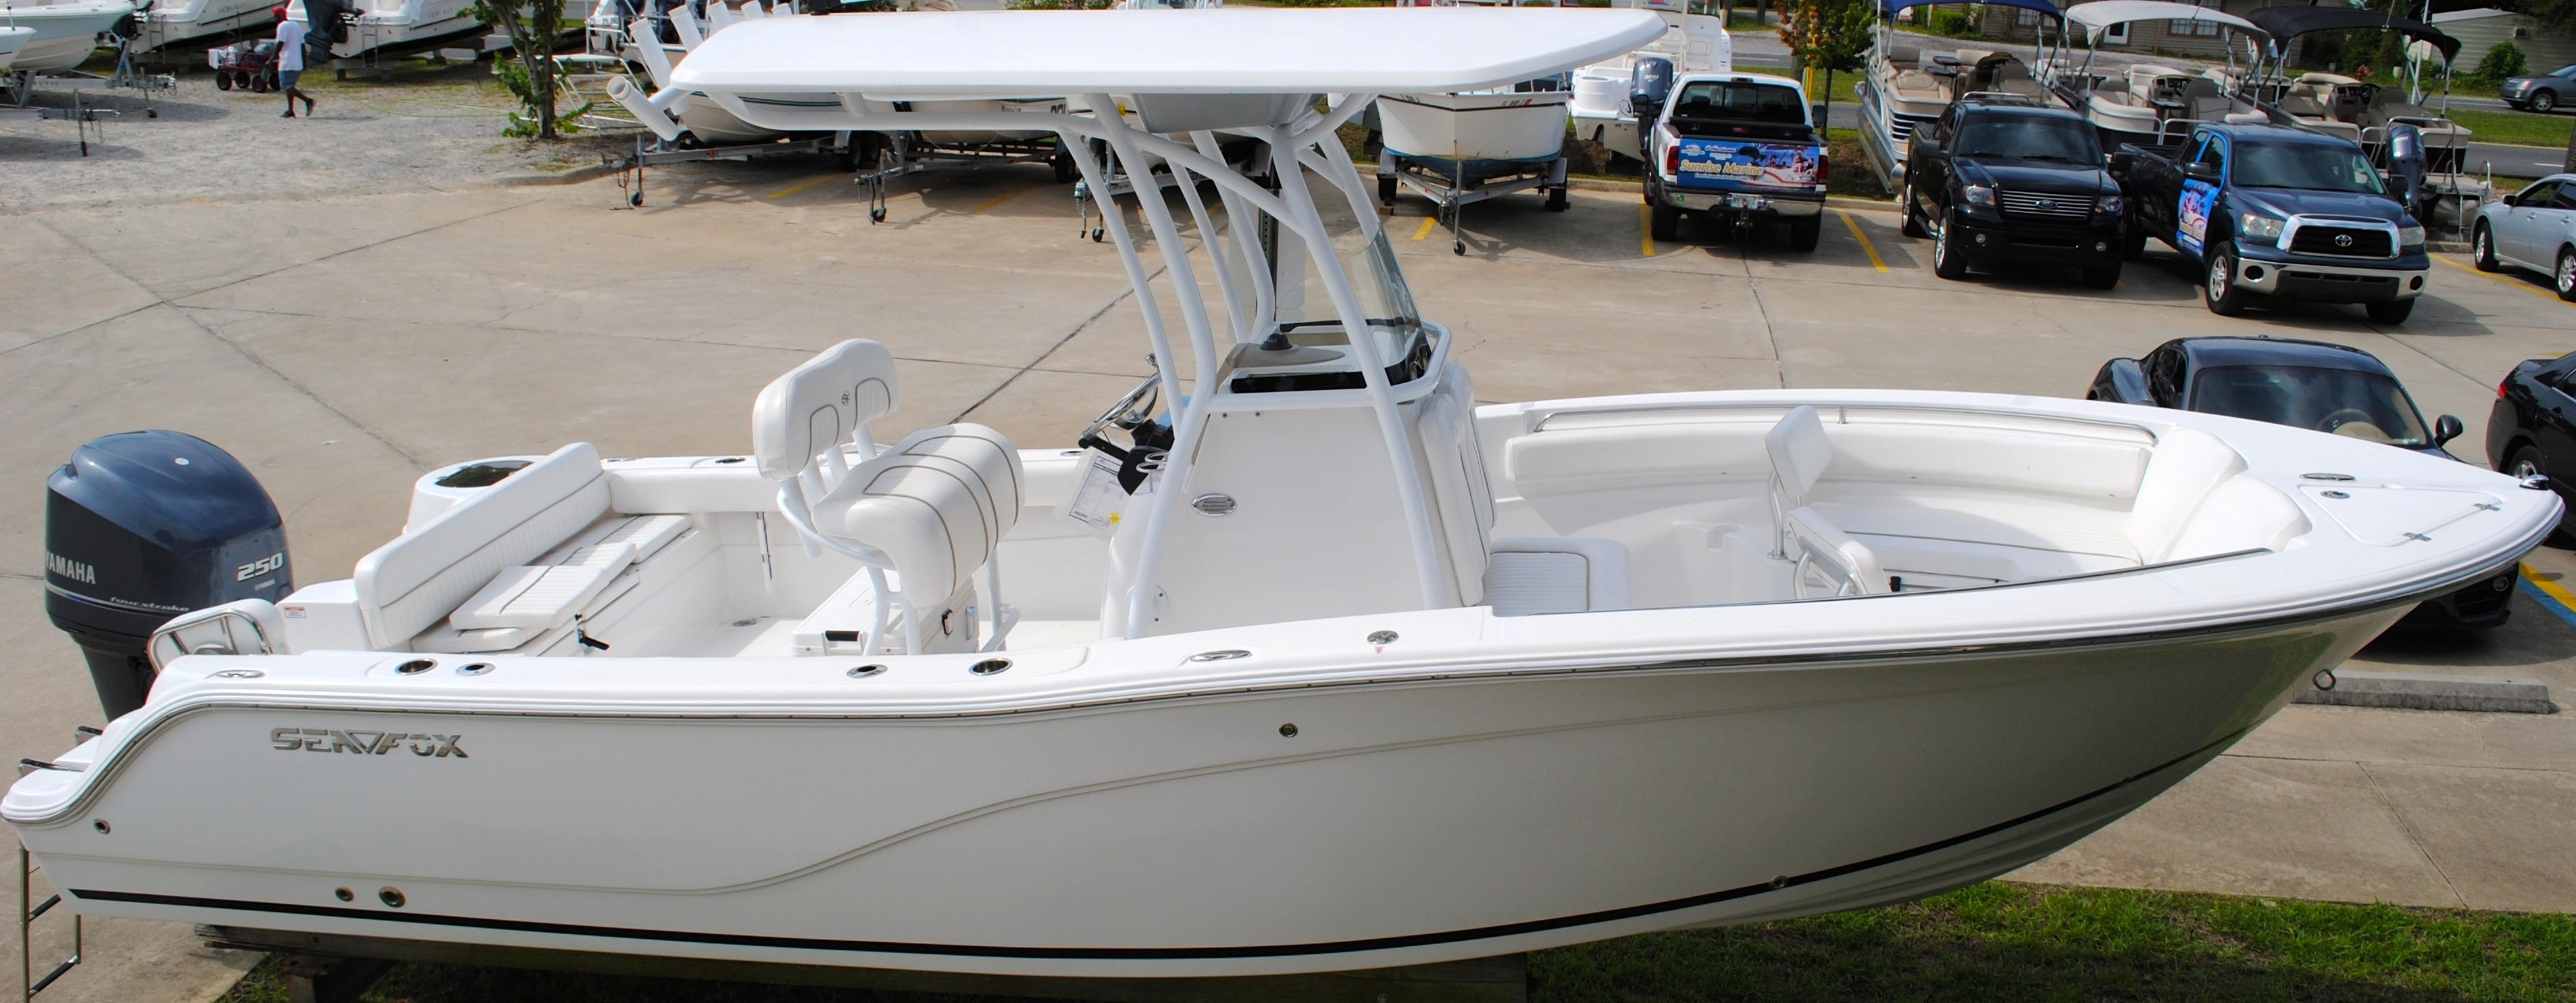 boat invoice prices seafox boats2014 dealer invoice sale destin sunrise marine 3813 X 1484